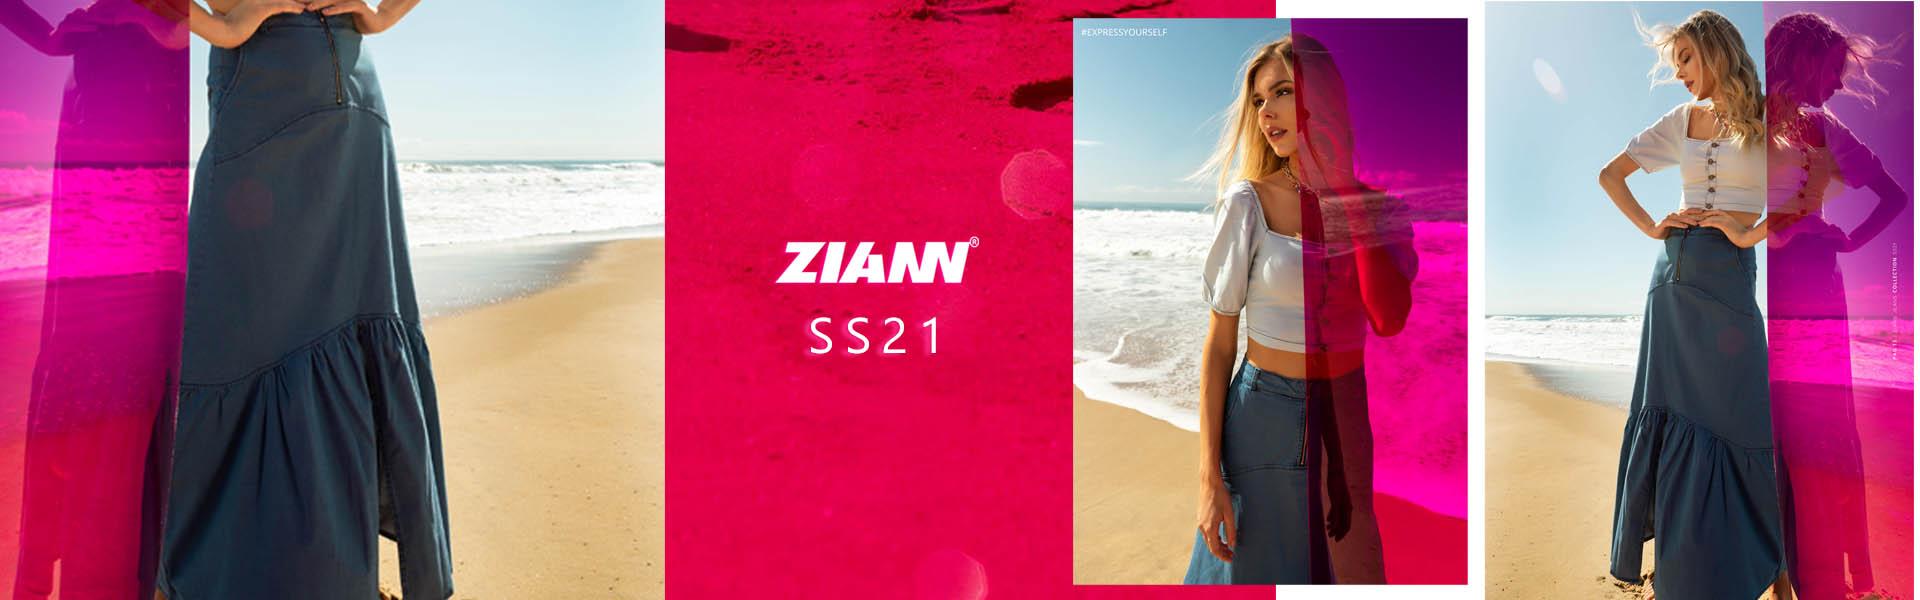 banner-site-ziann9-ss21-1